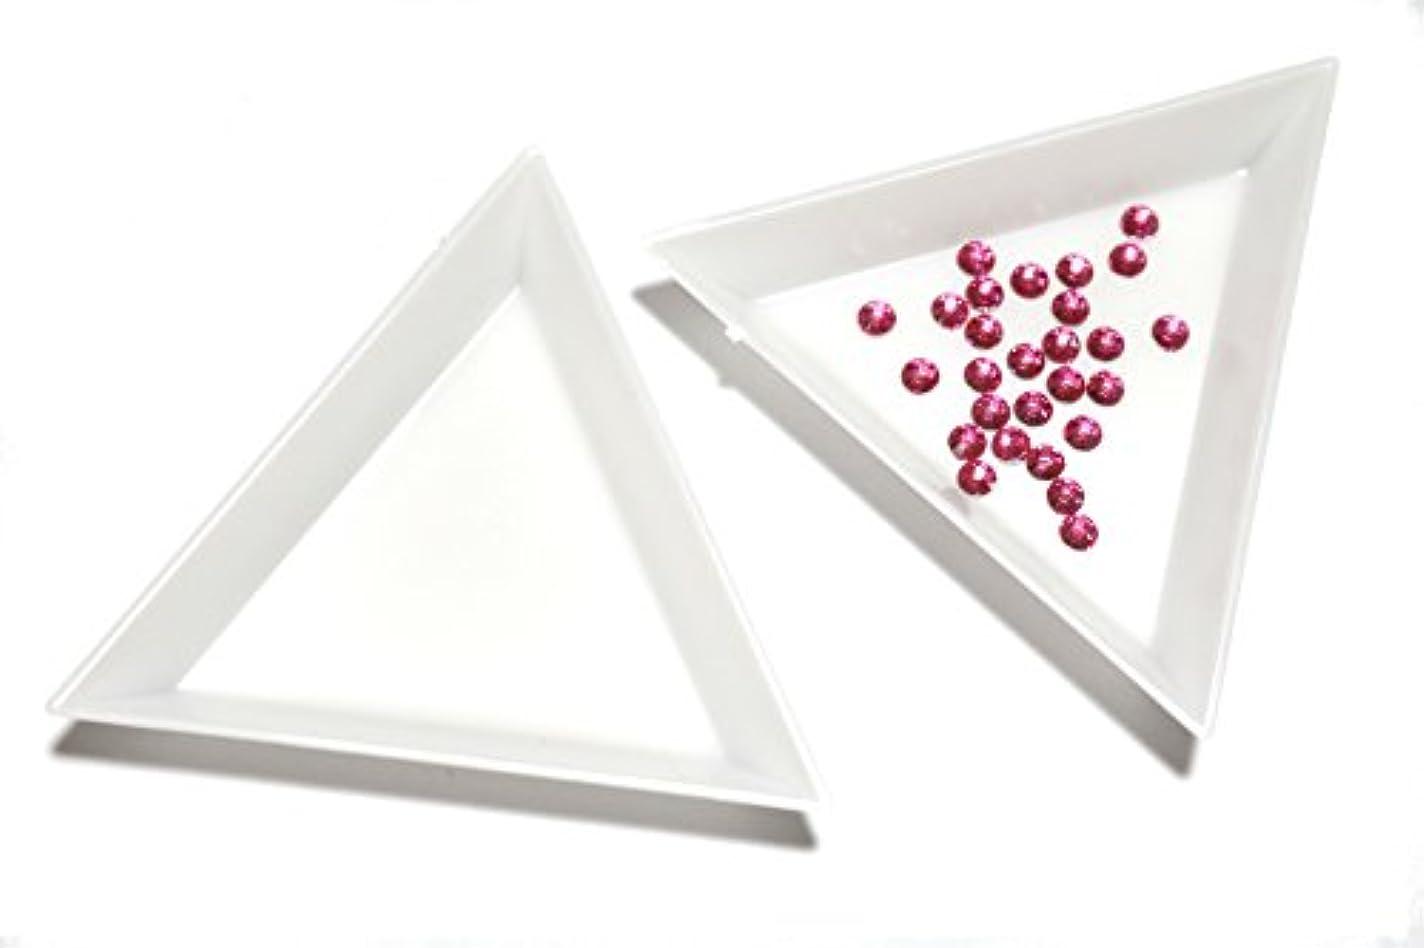 石炭コールカード【jewel】三角トレイ 三個セット ラインストーン ビーズ 白 ネイル デコ用品